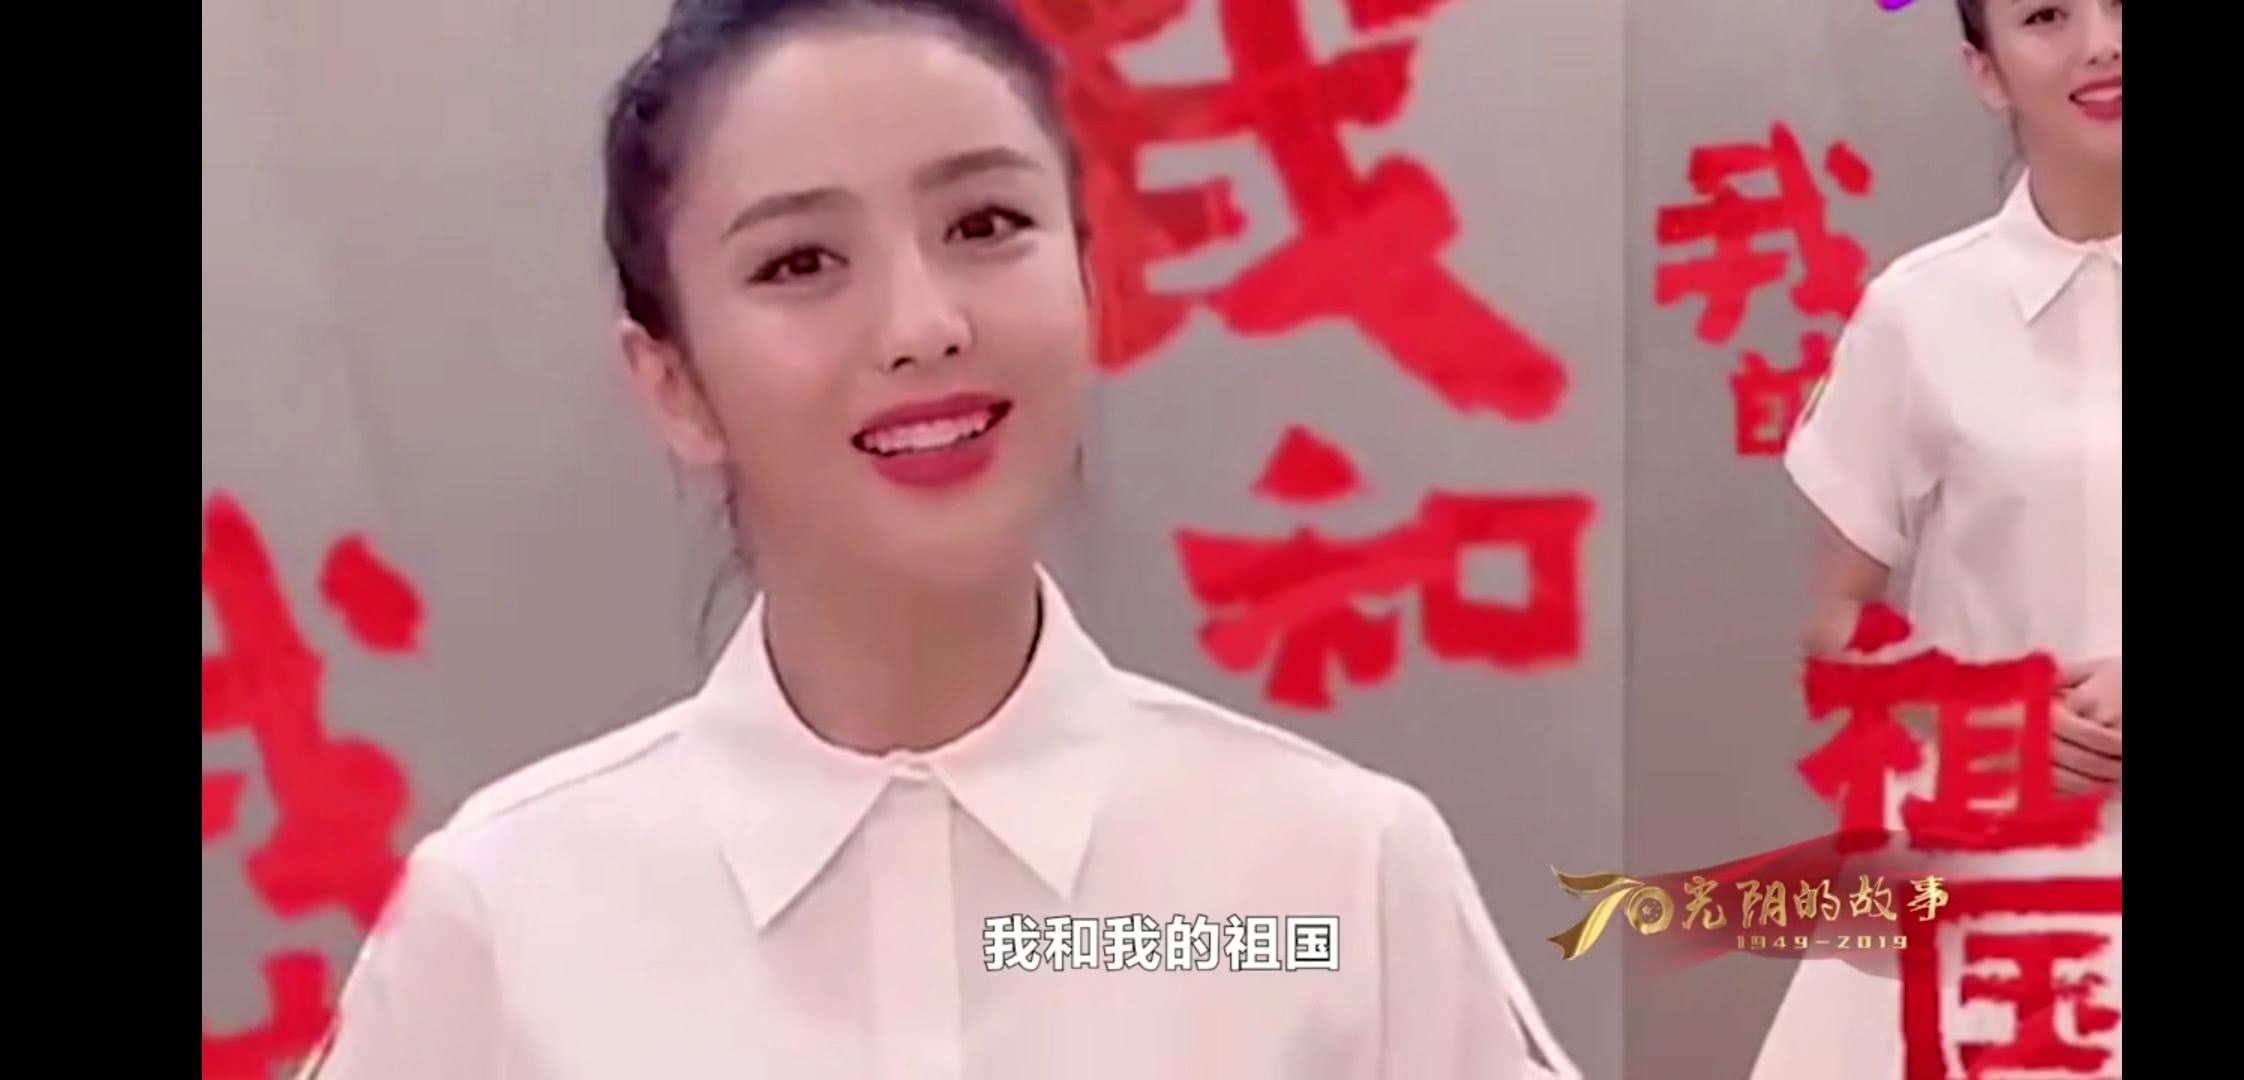 <b>佟丽娅两次经历阅兵二十年容颜依旧惊艳</b>